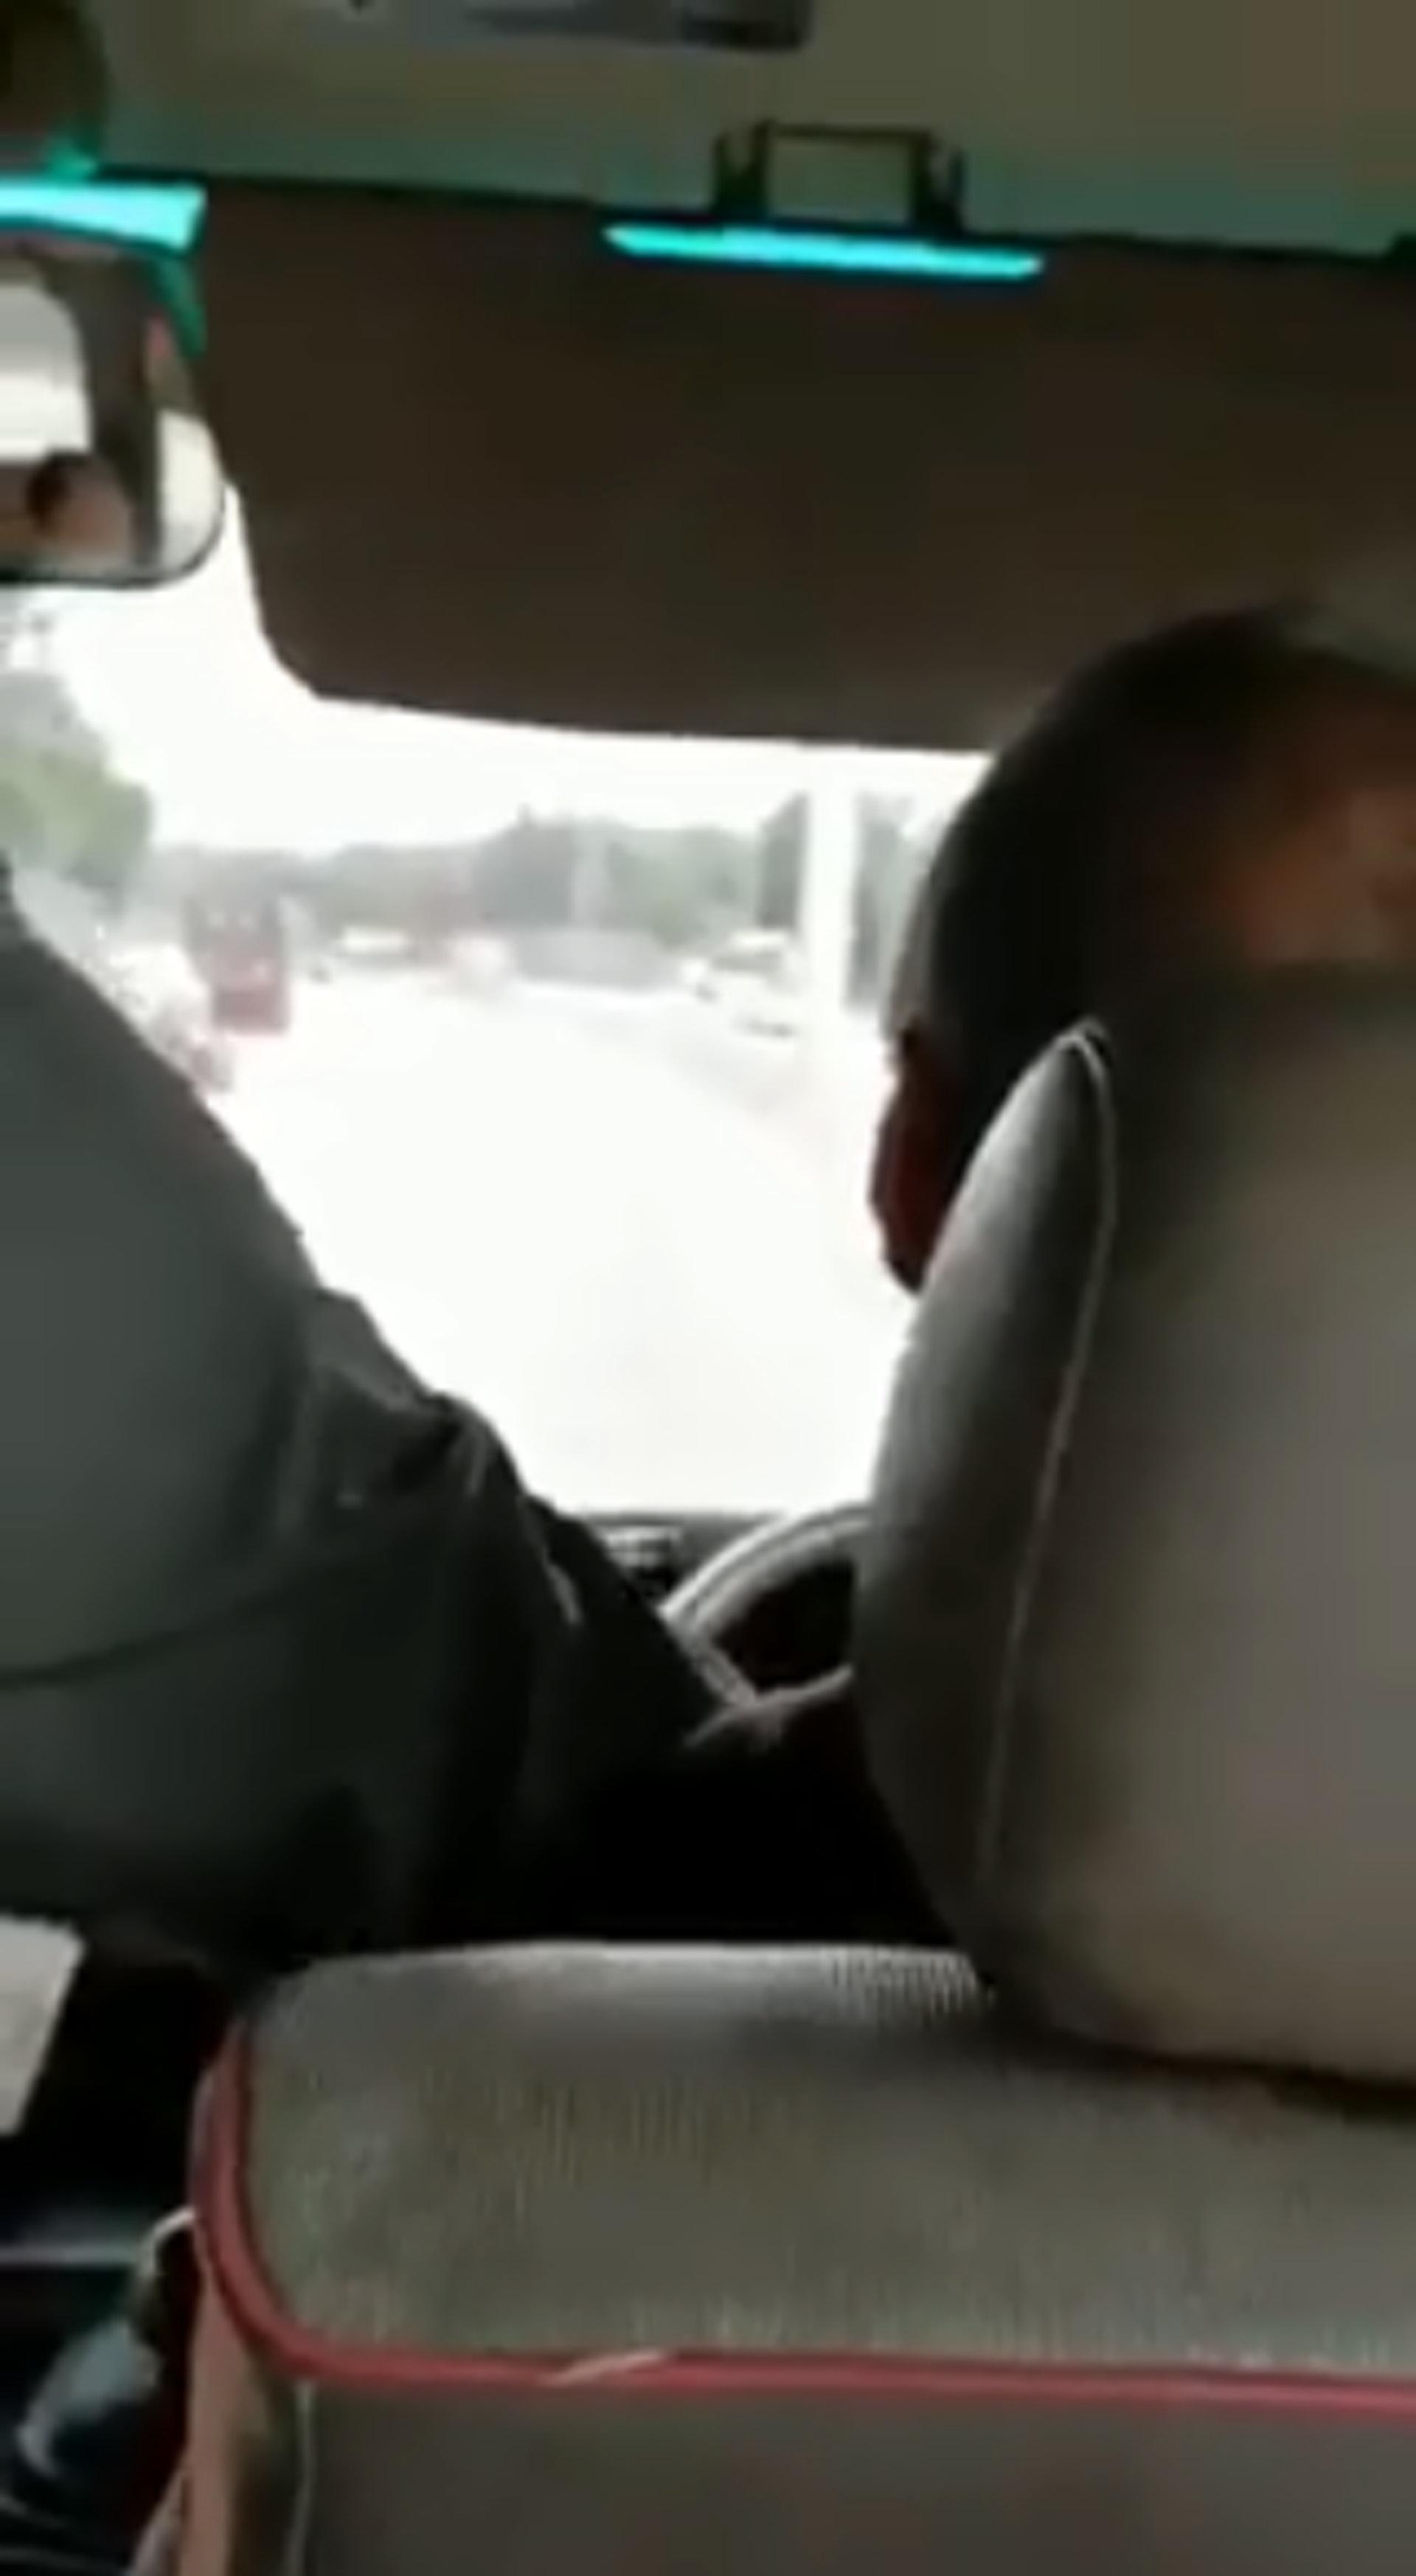 乘客驚呼,客不斷要求司機停車,有人放聲痛哭,但司機不為所動。男乘客上前搶軚控制小巴。(網上片段截圖)